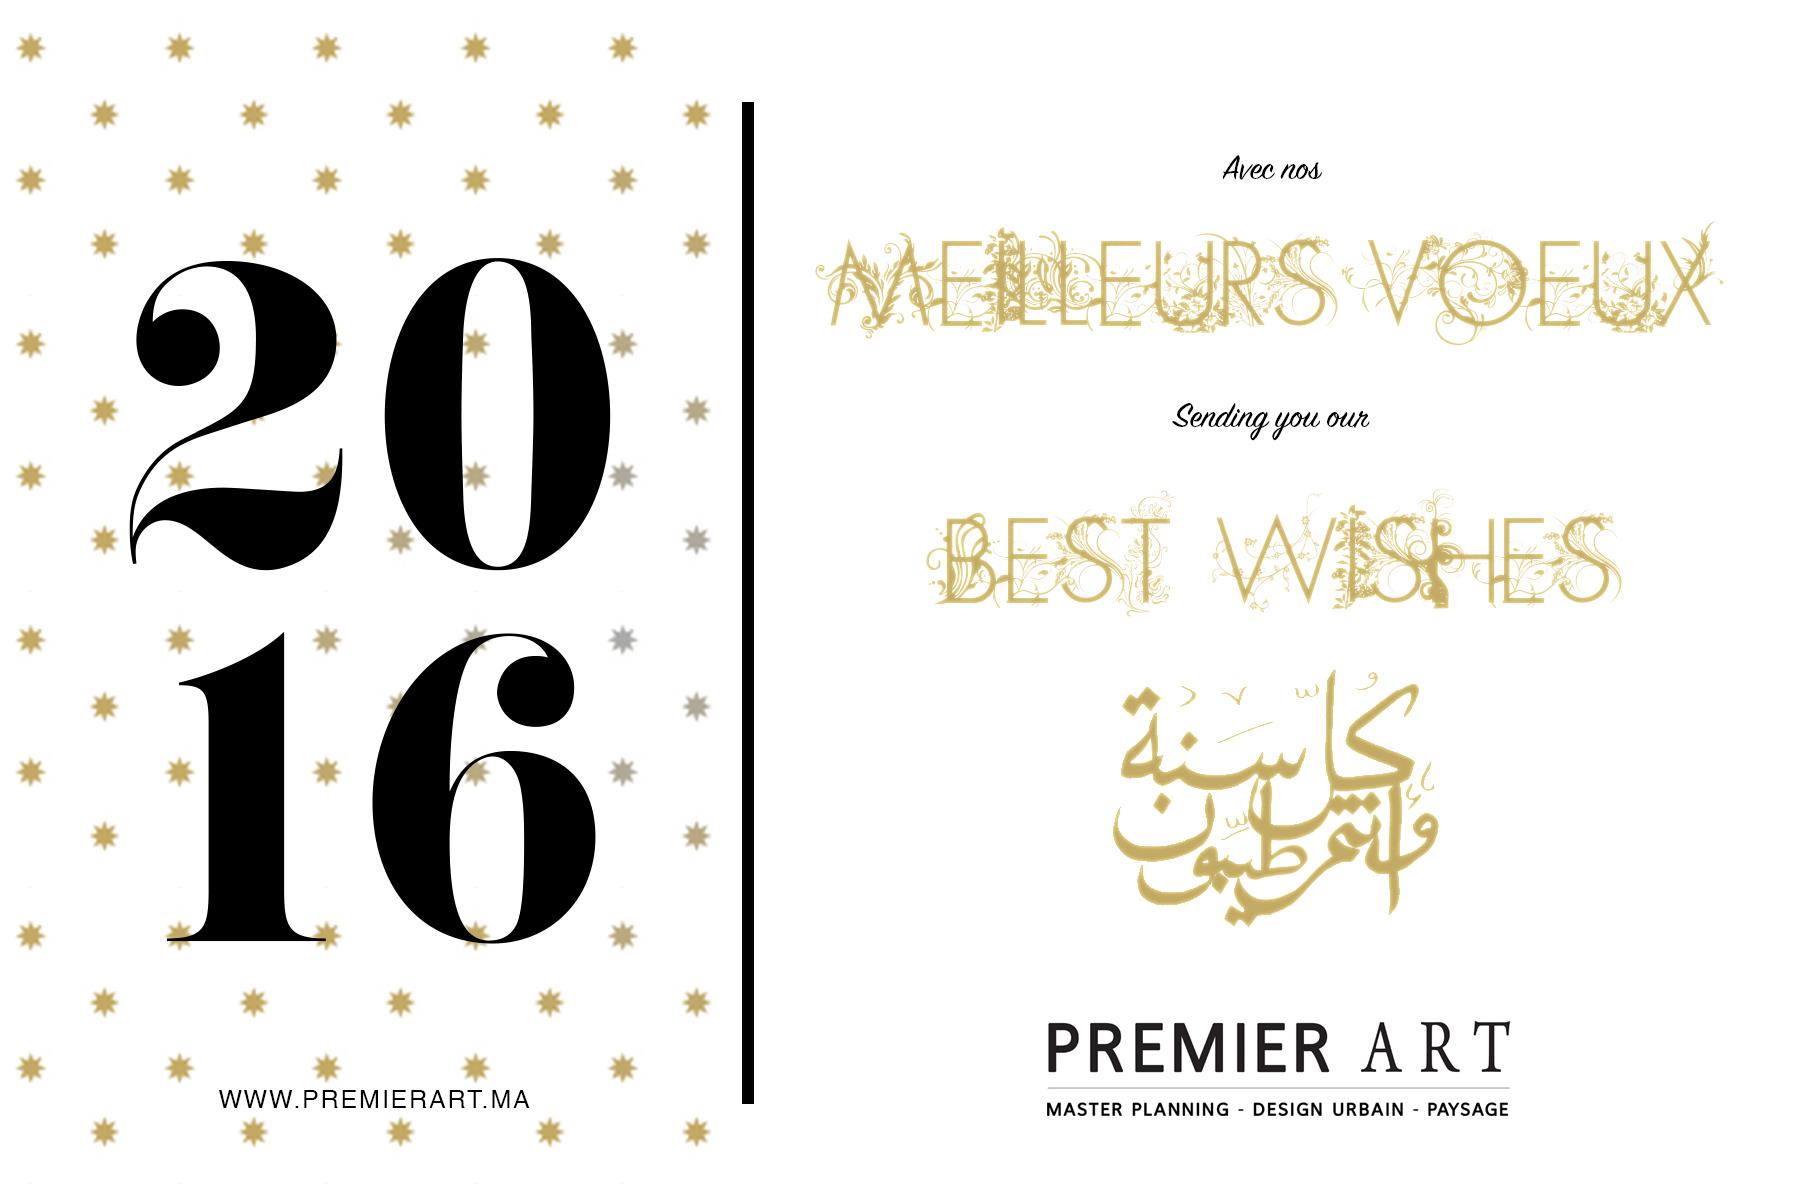 2016 Carte de voeux PREMIERART 20151228